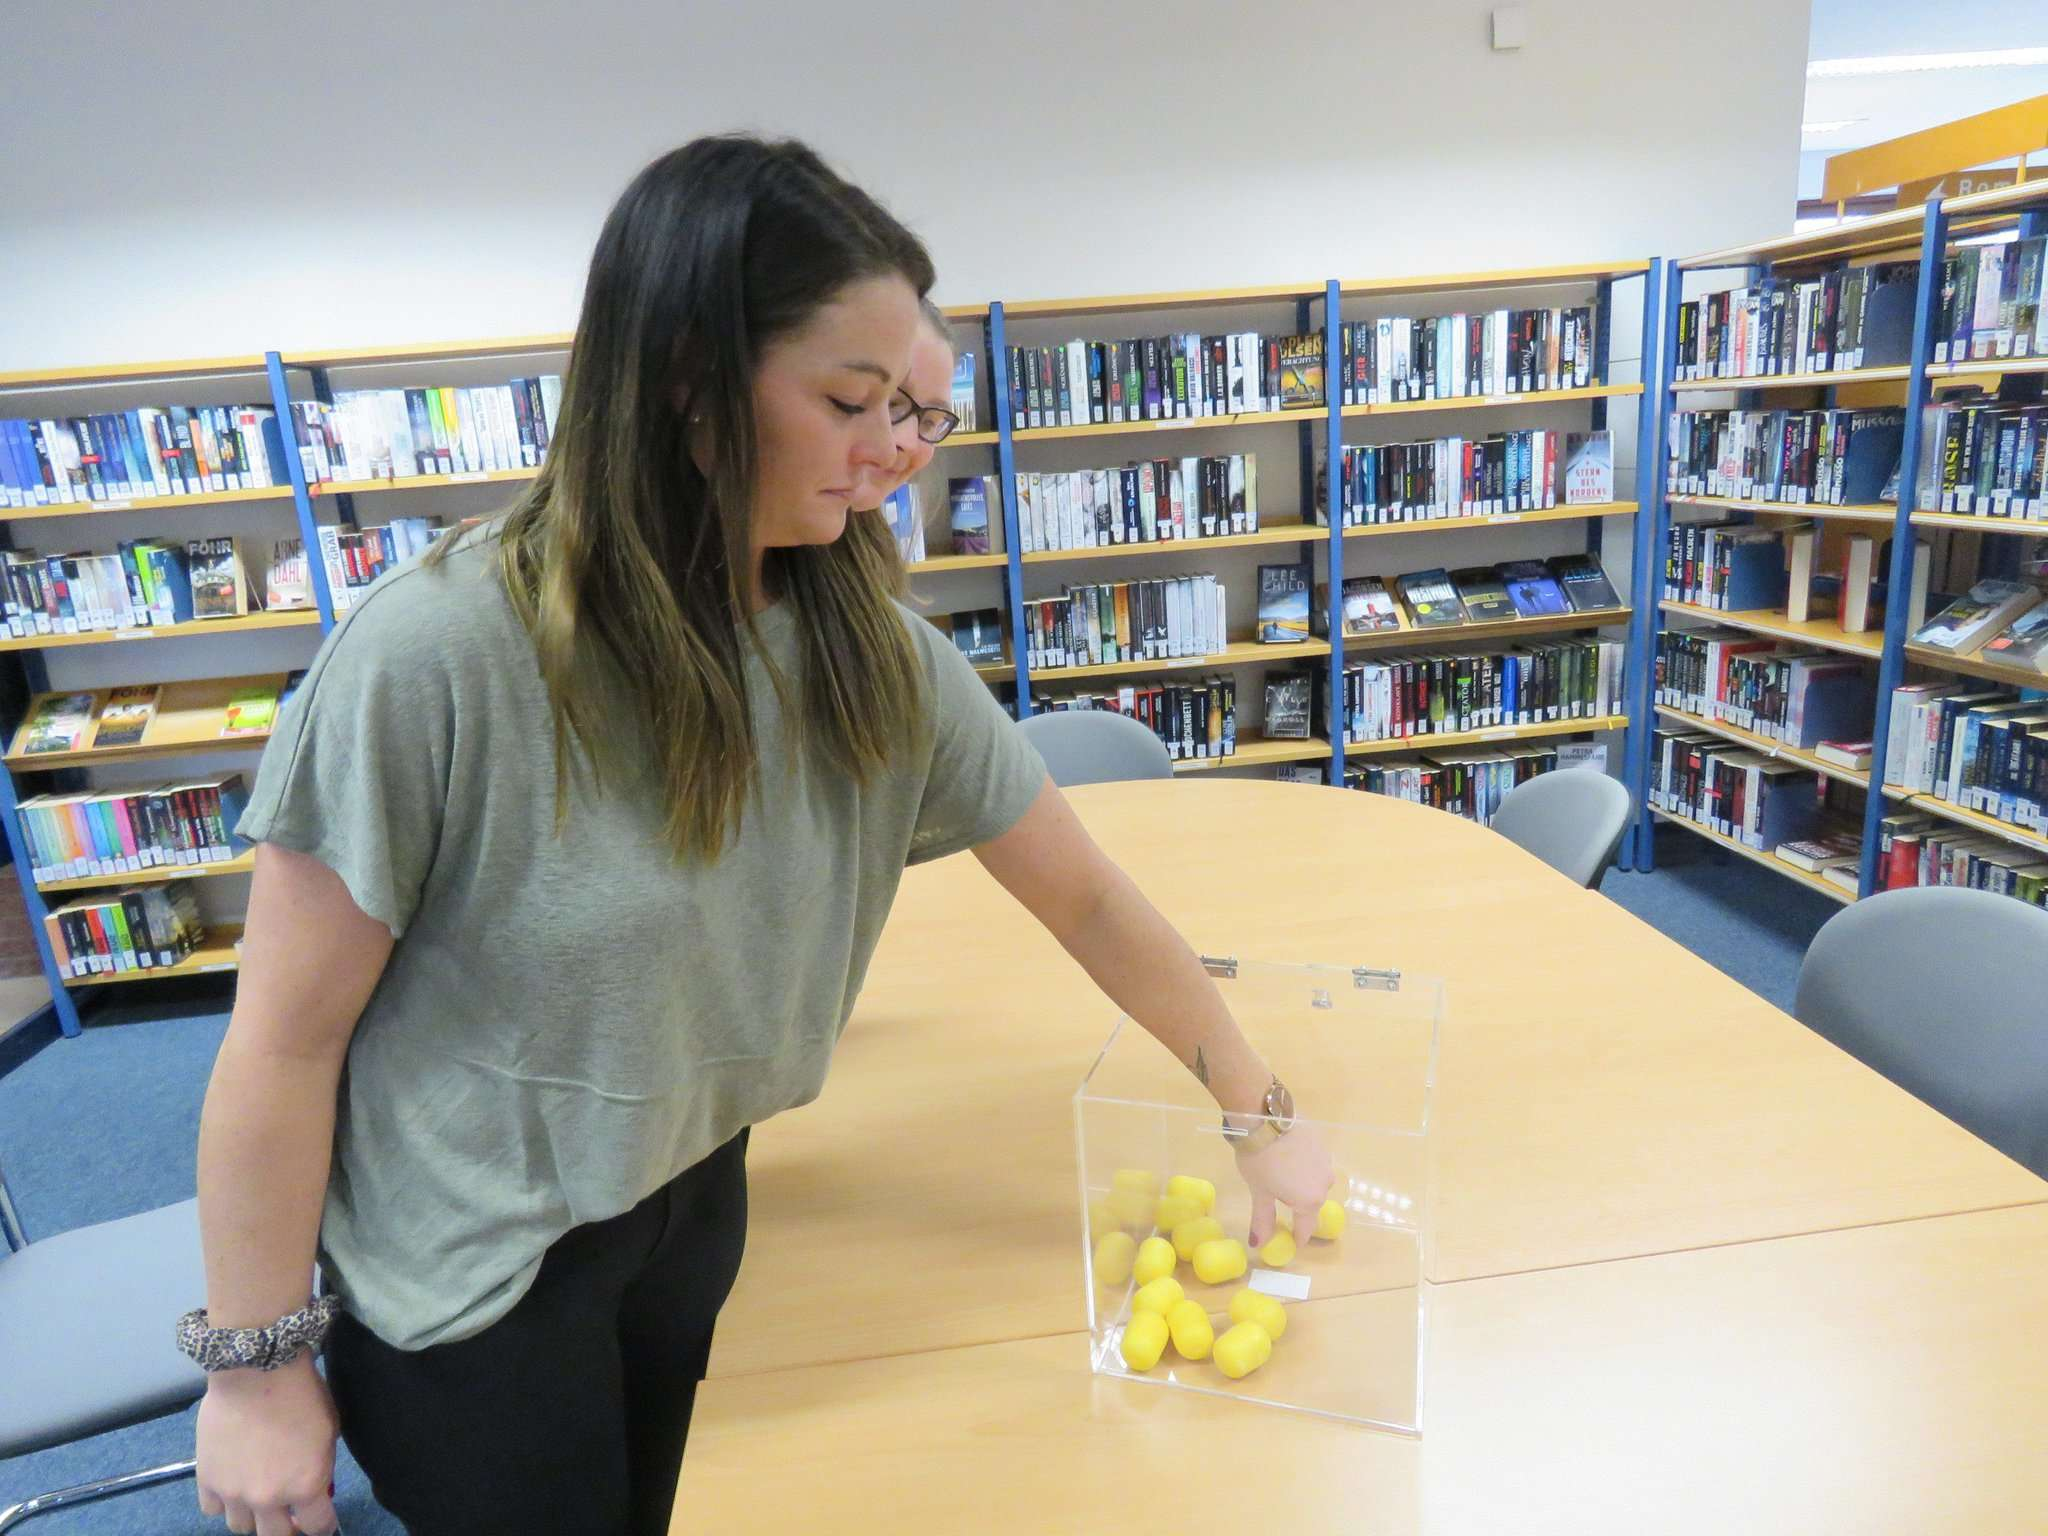 Rathaus-Mitarbeterin Lisa Bormann-Rajes (vorne) zog als Glücksfee zwei Kapseln mit Gewinnzetteln aus der Box, während Büchereileiterin Jaqueline Ballandis die Aktion überwachte. Foto: Elke Keppler-Rosenau